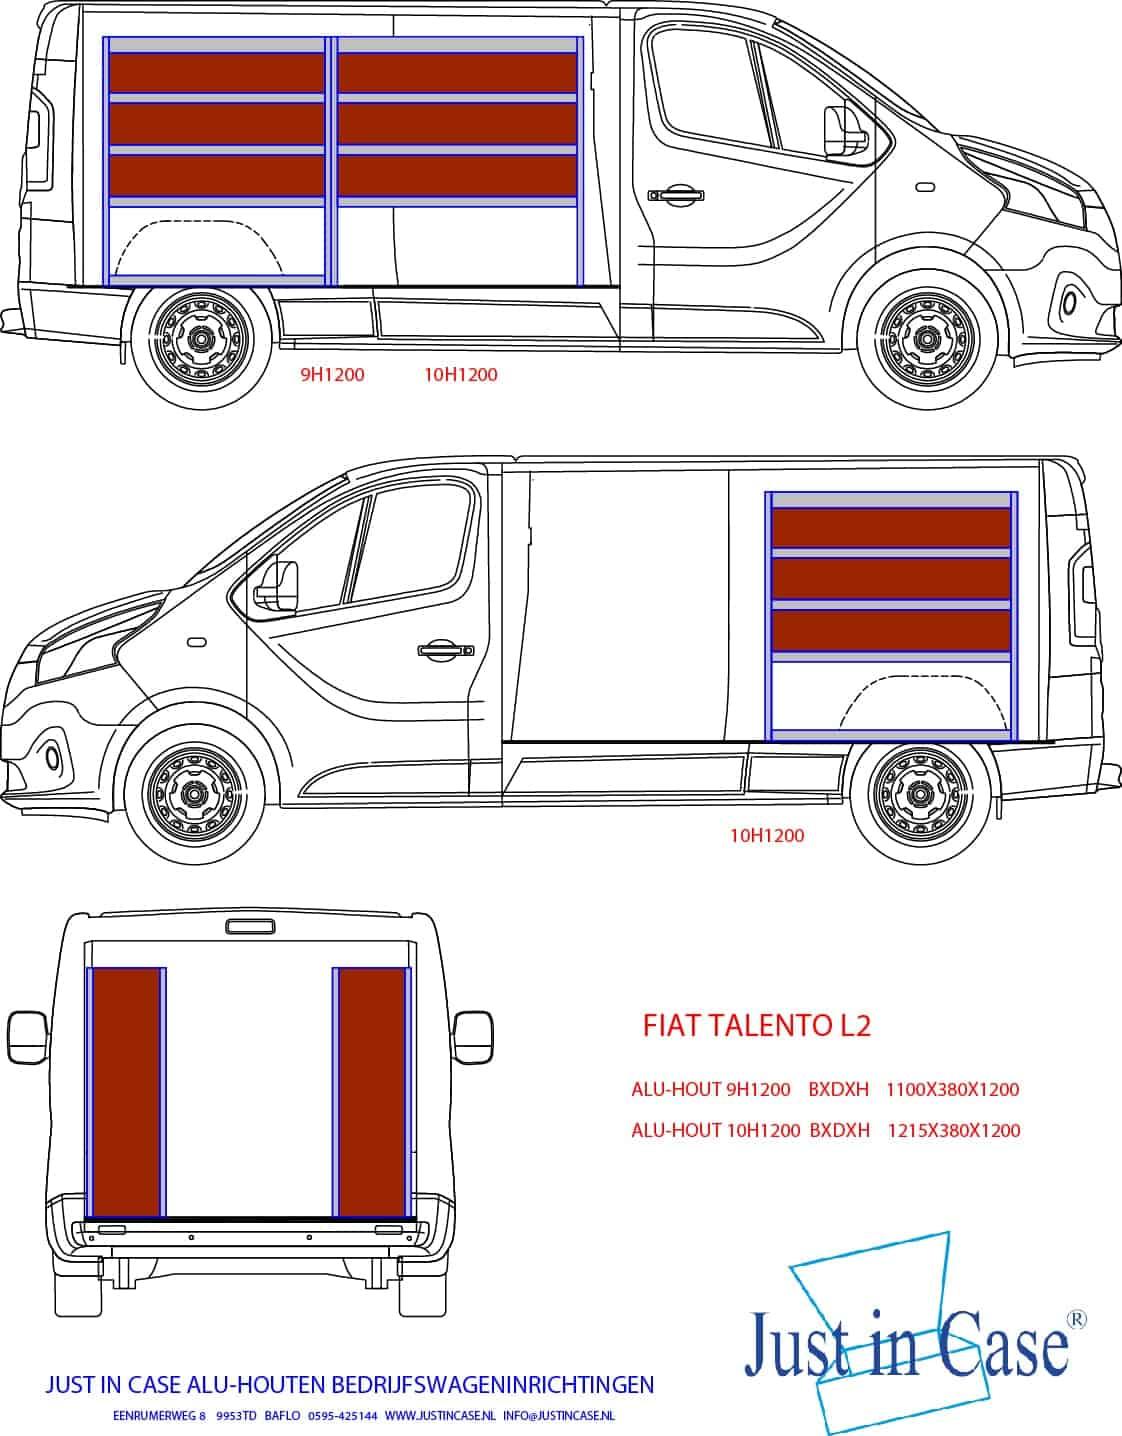 Alu-houten bedrijfswageninrichting Fiat Talento